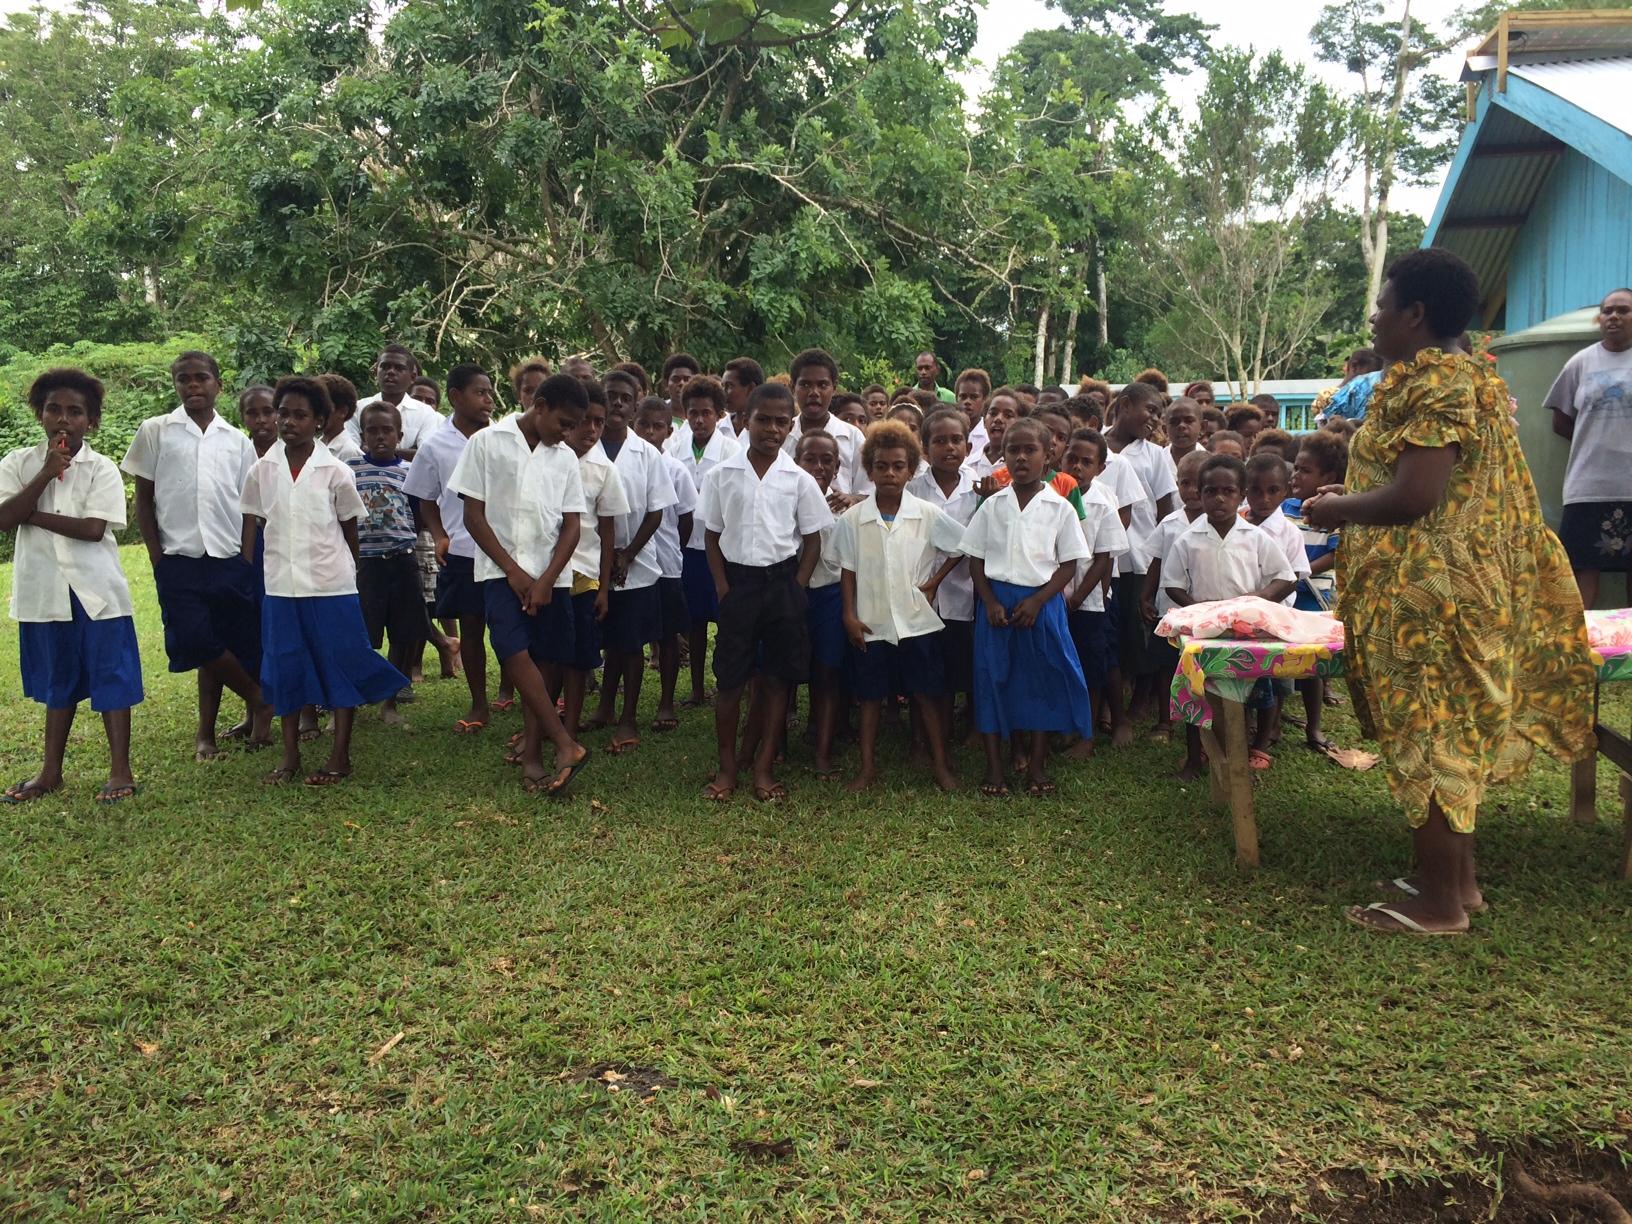 Iethvekar Vanuatu-children.JPG